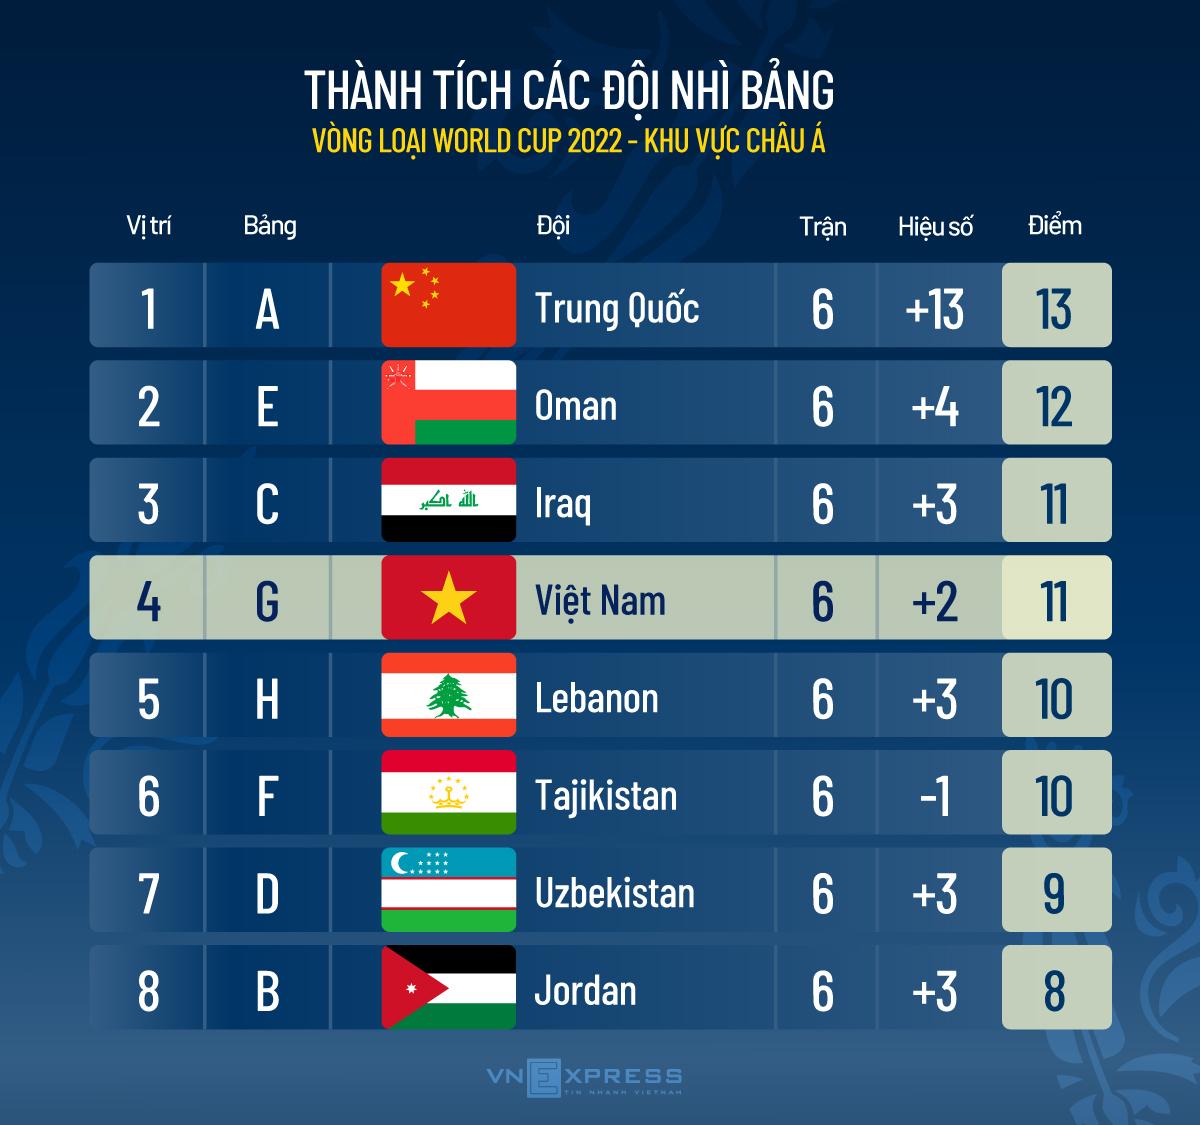 CĐV Đông Nam Á nể tinh thần chiến đấu của Việt Nam - 3